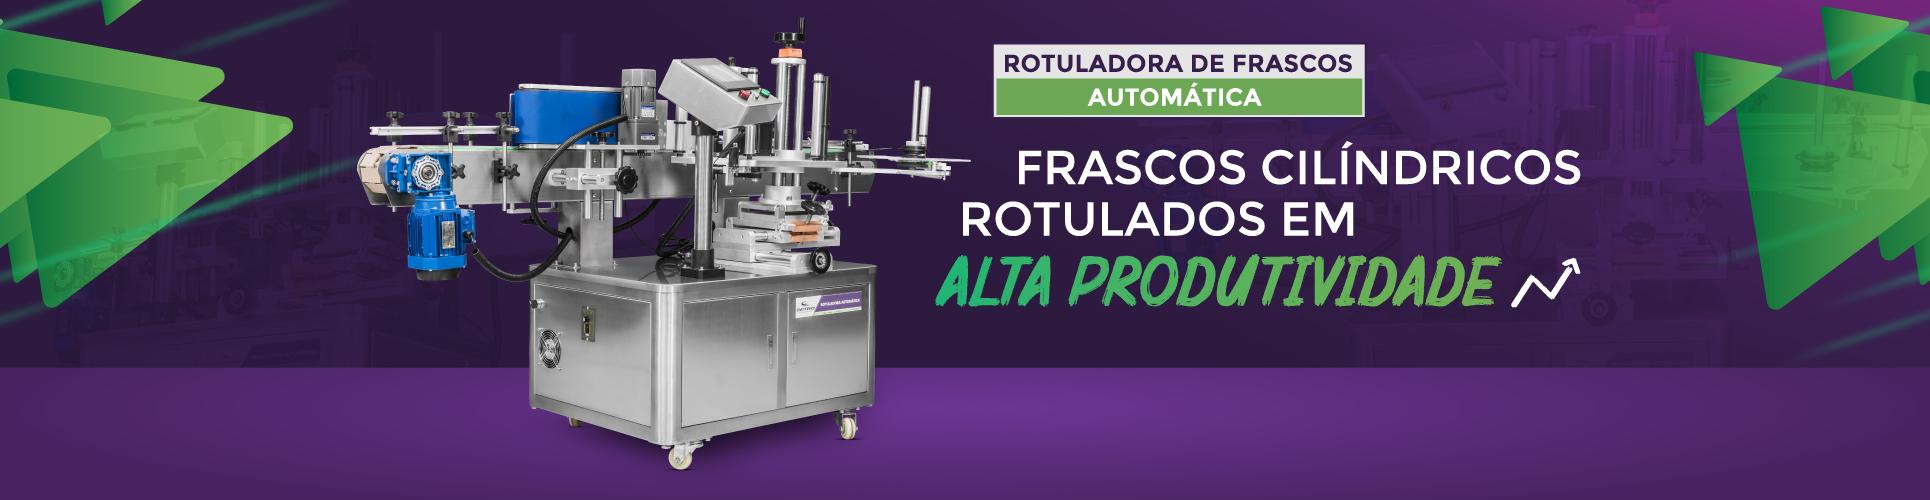 Rotuladora Automática